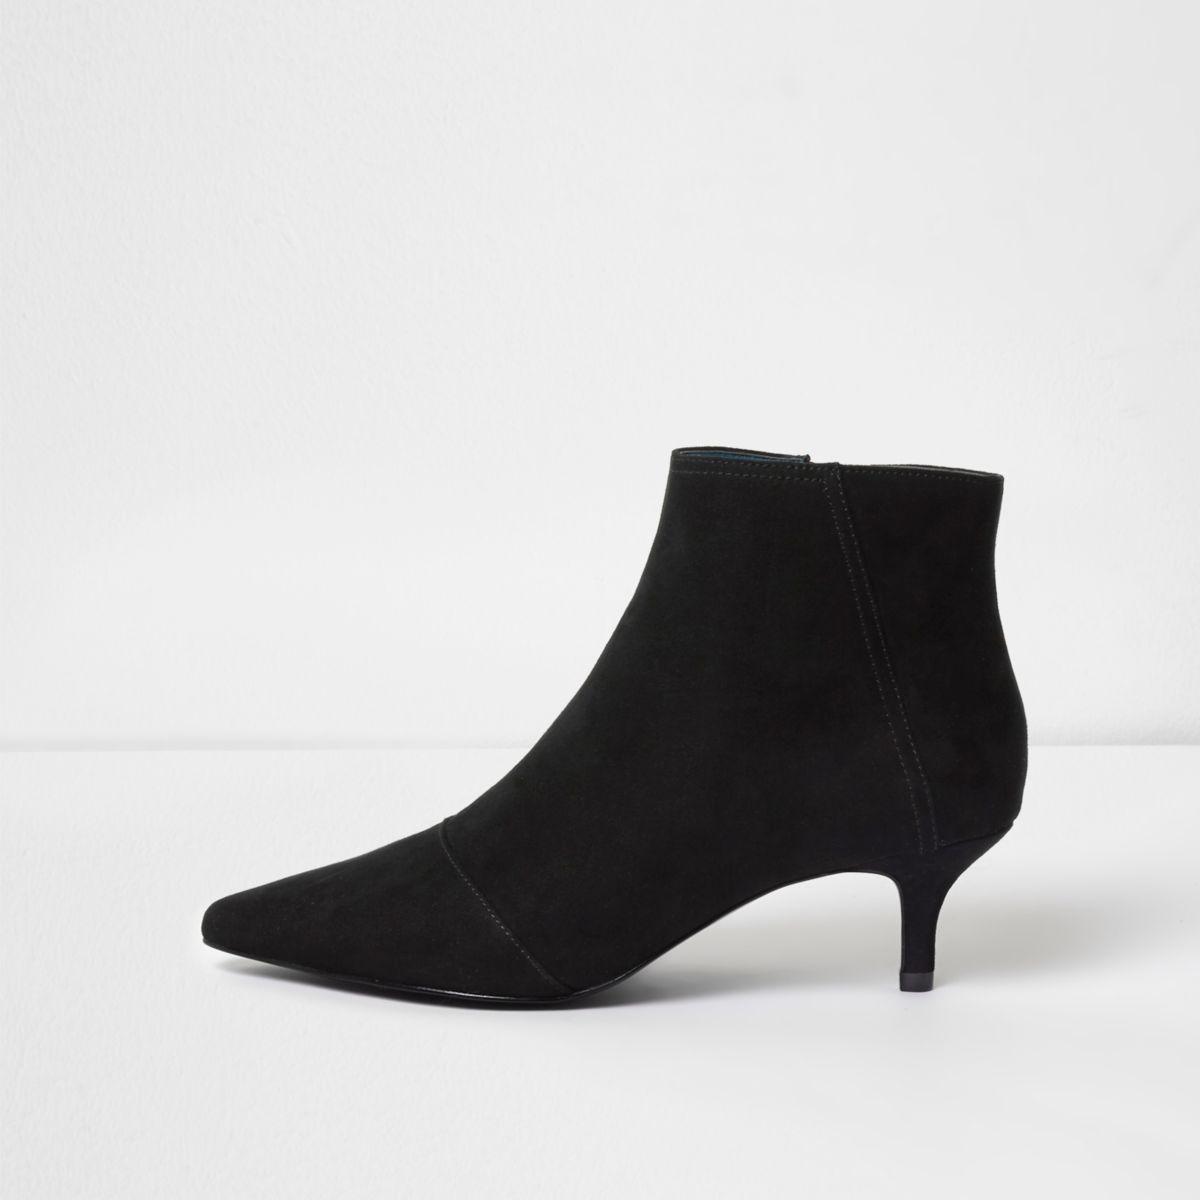 Schwarze, spitze Stiefel mit Kitten-Absatz